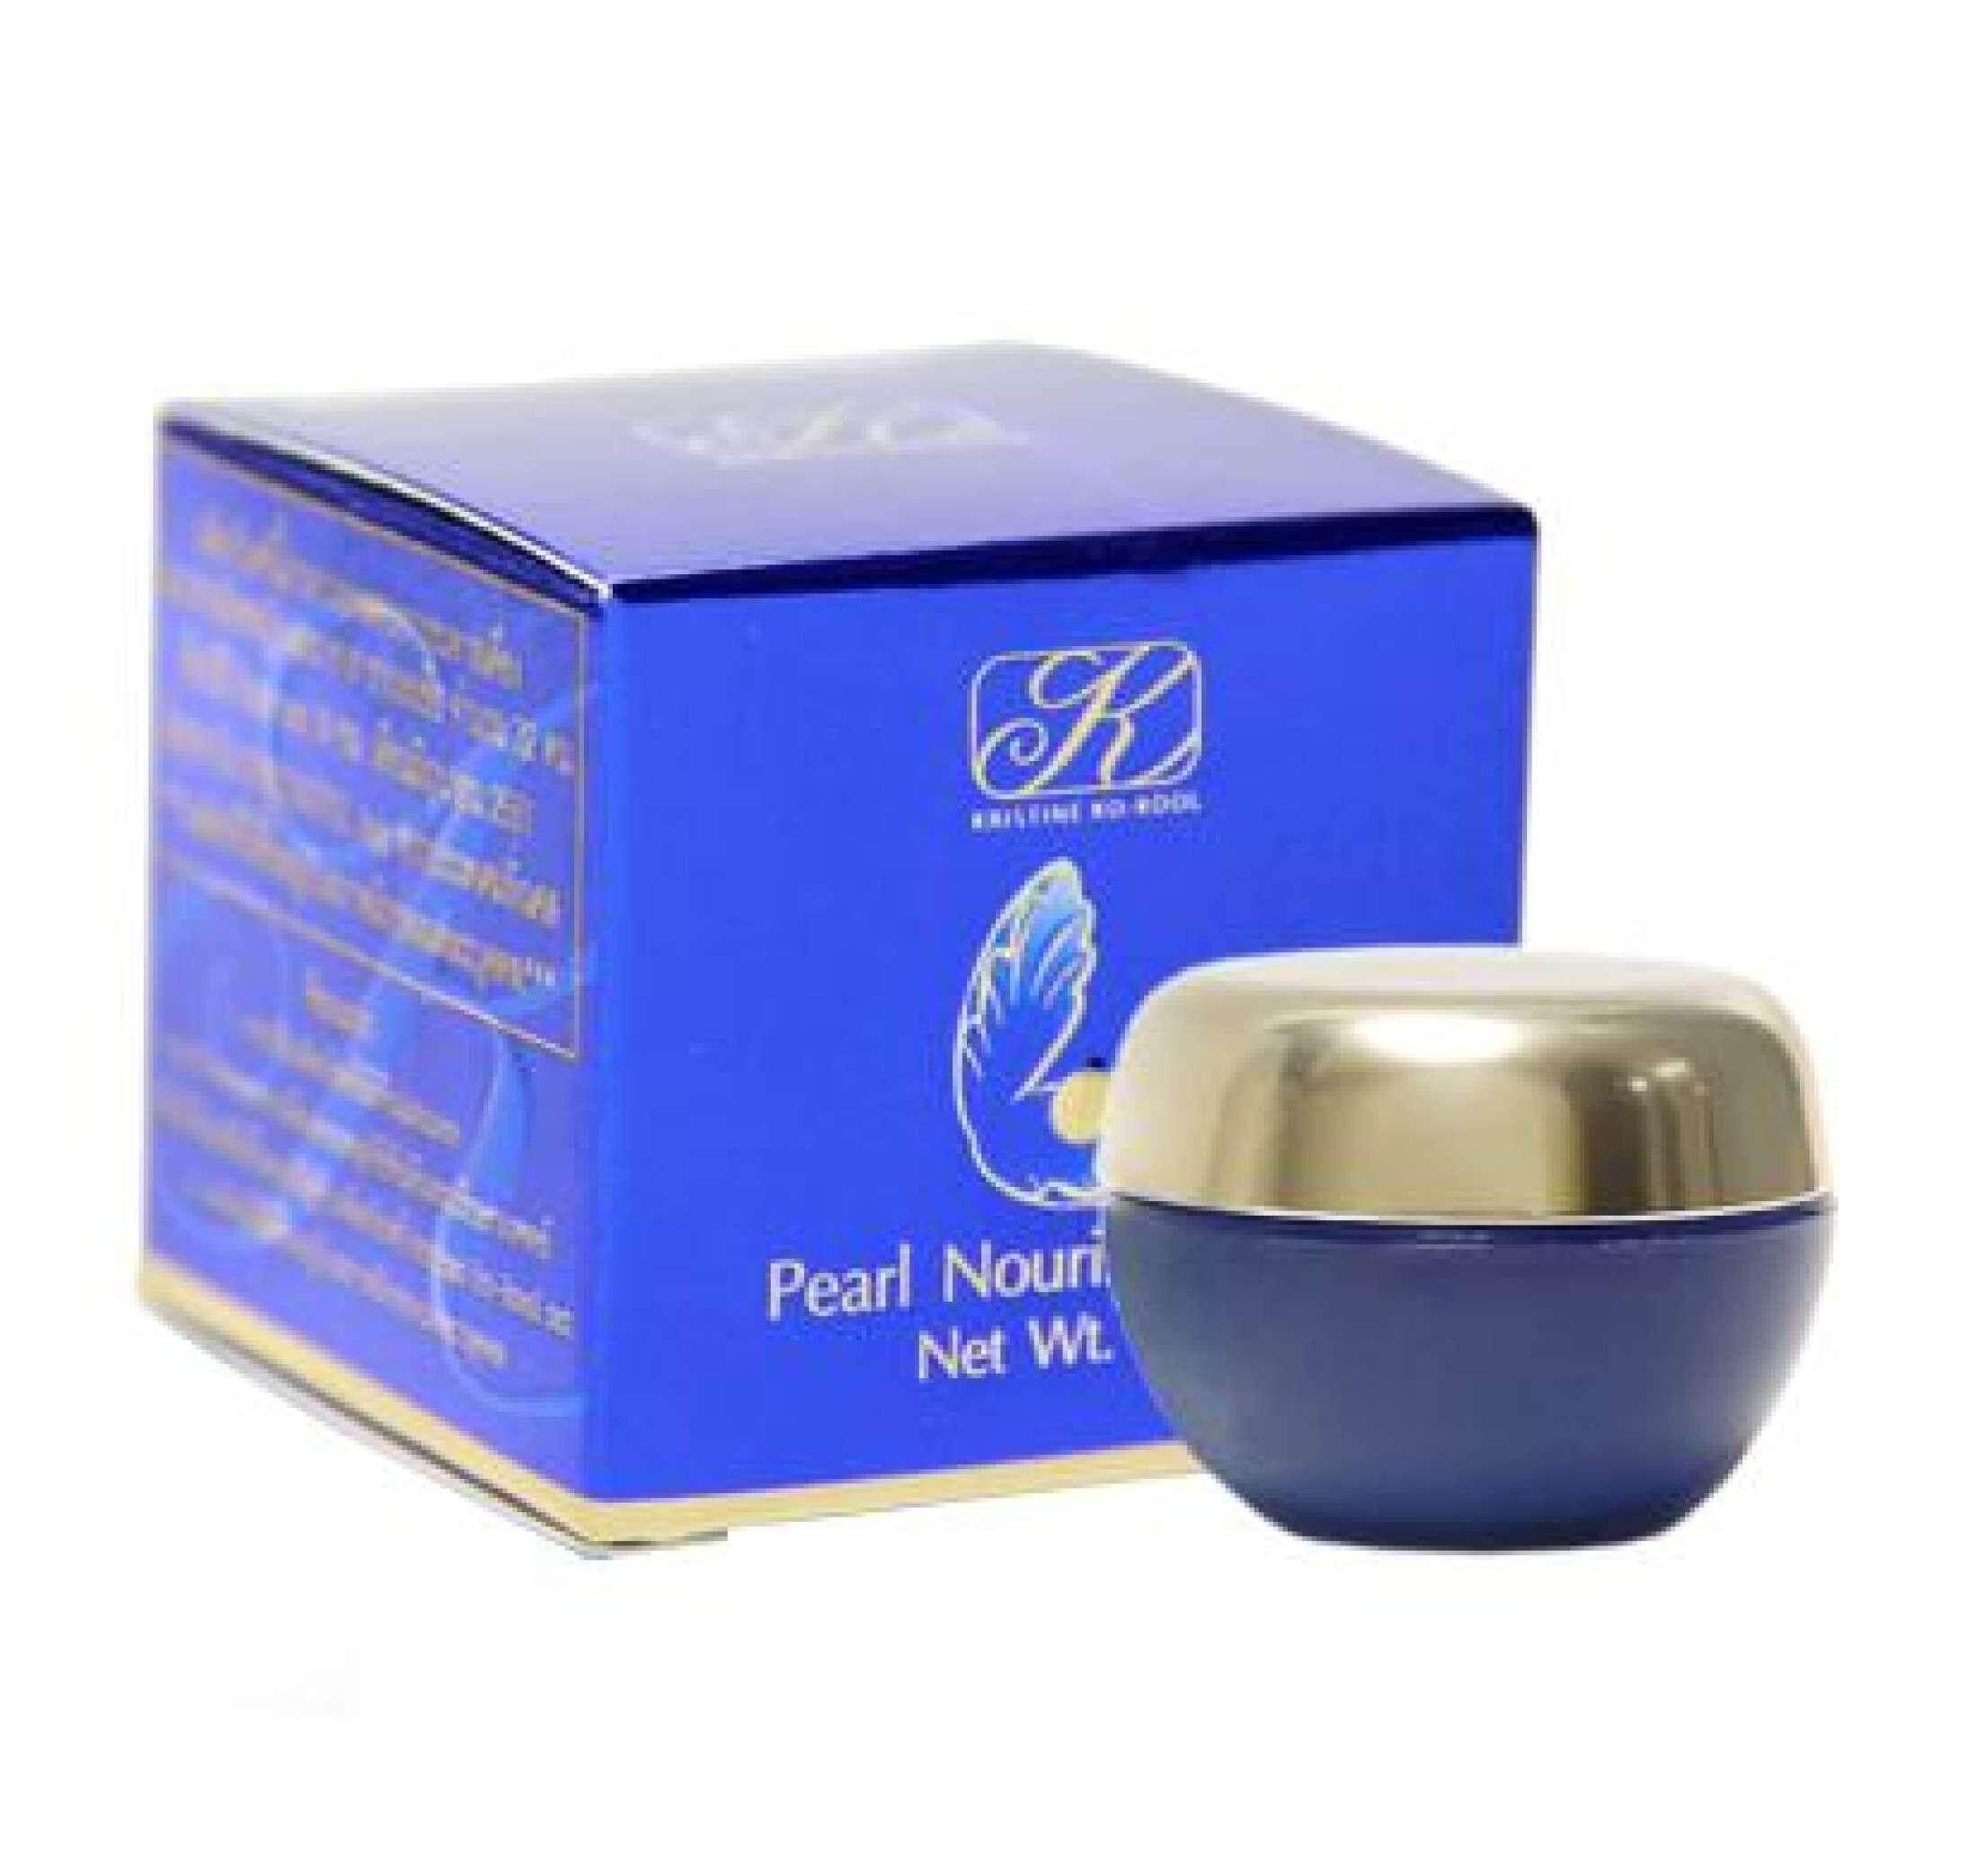 ครีมมุกเล็ก คังเซน คริสติน โคคูล เพิร์ล นอริช ครีม(Pearl Nourish Cream) แท้100% ครีมไข่มุกคังเซน เพิร์ล นอริชครีม 5G.